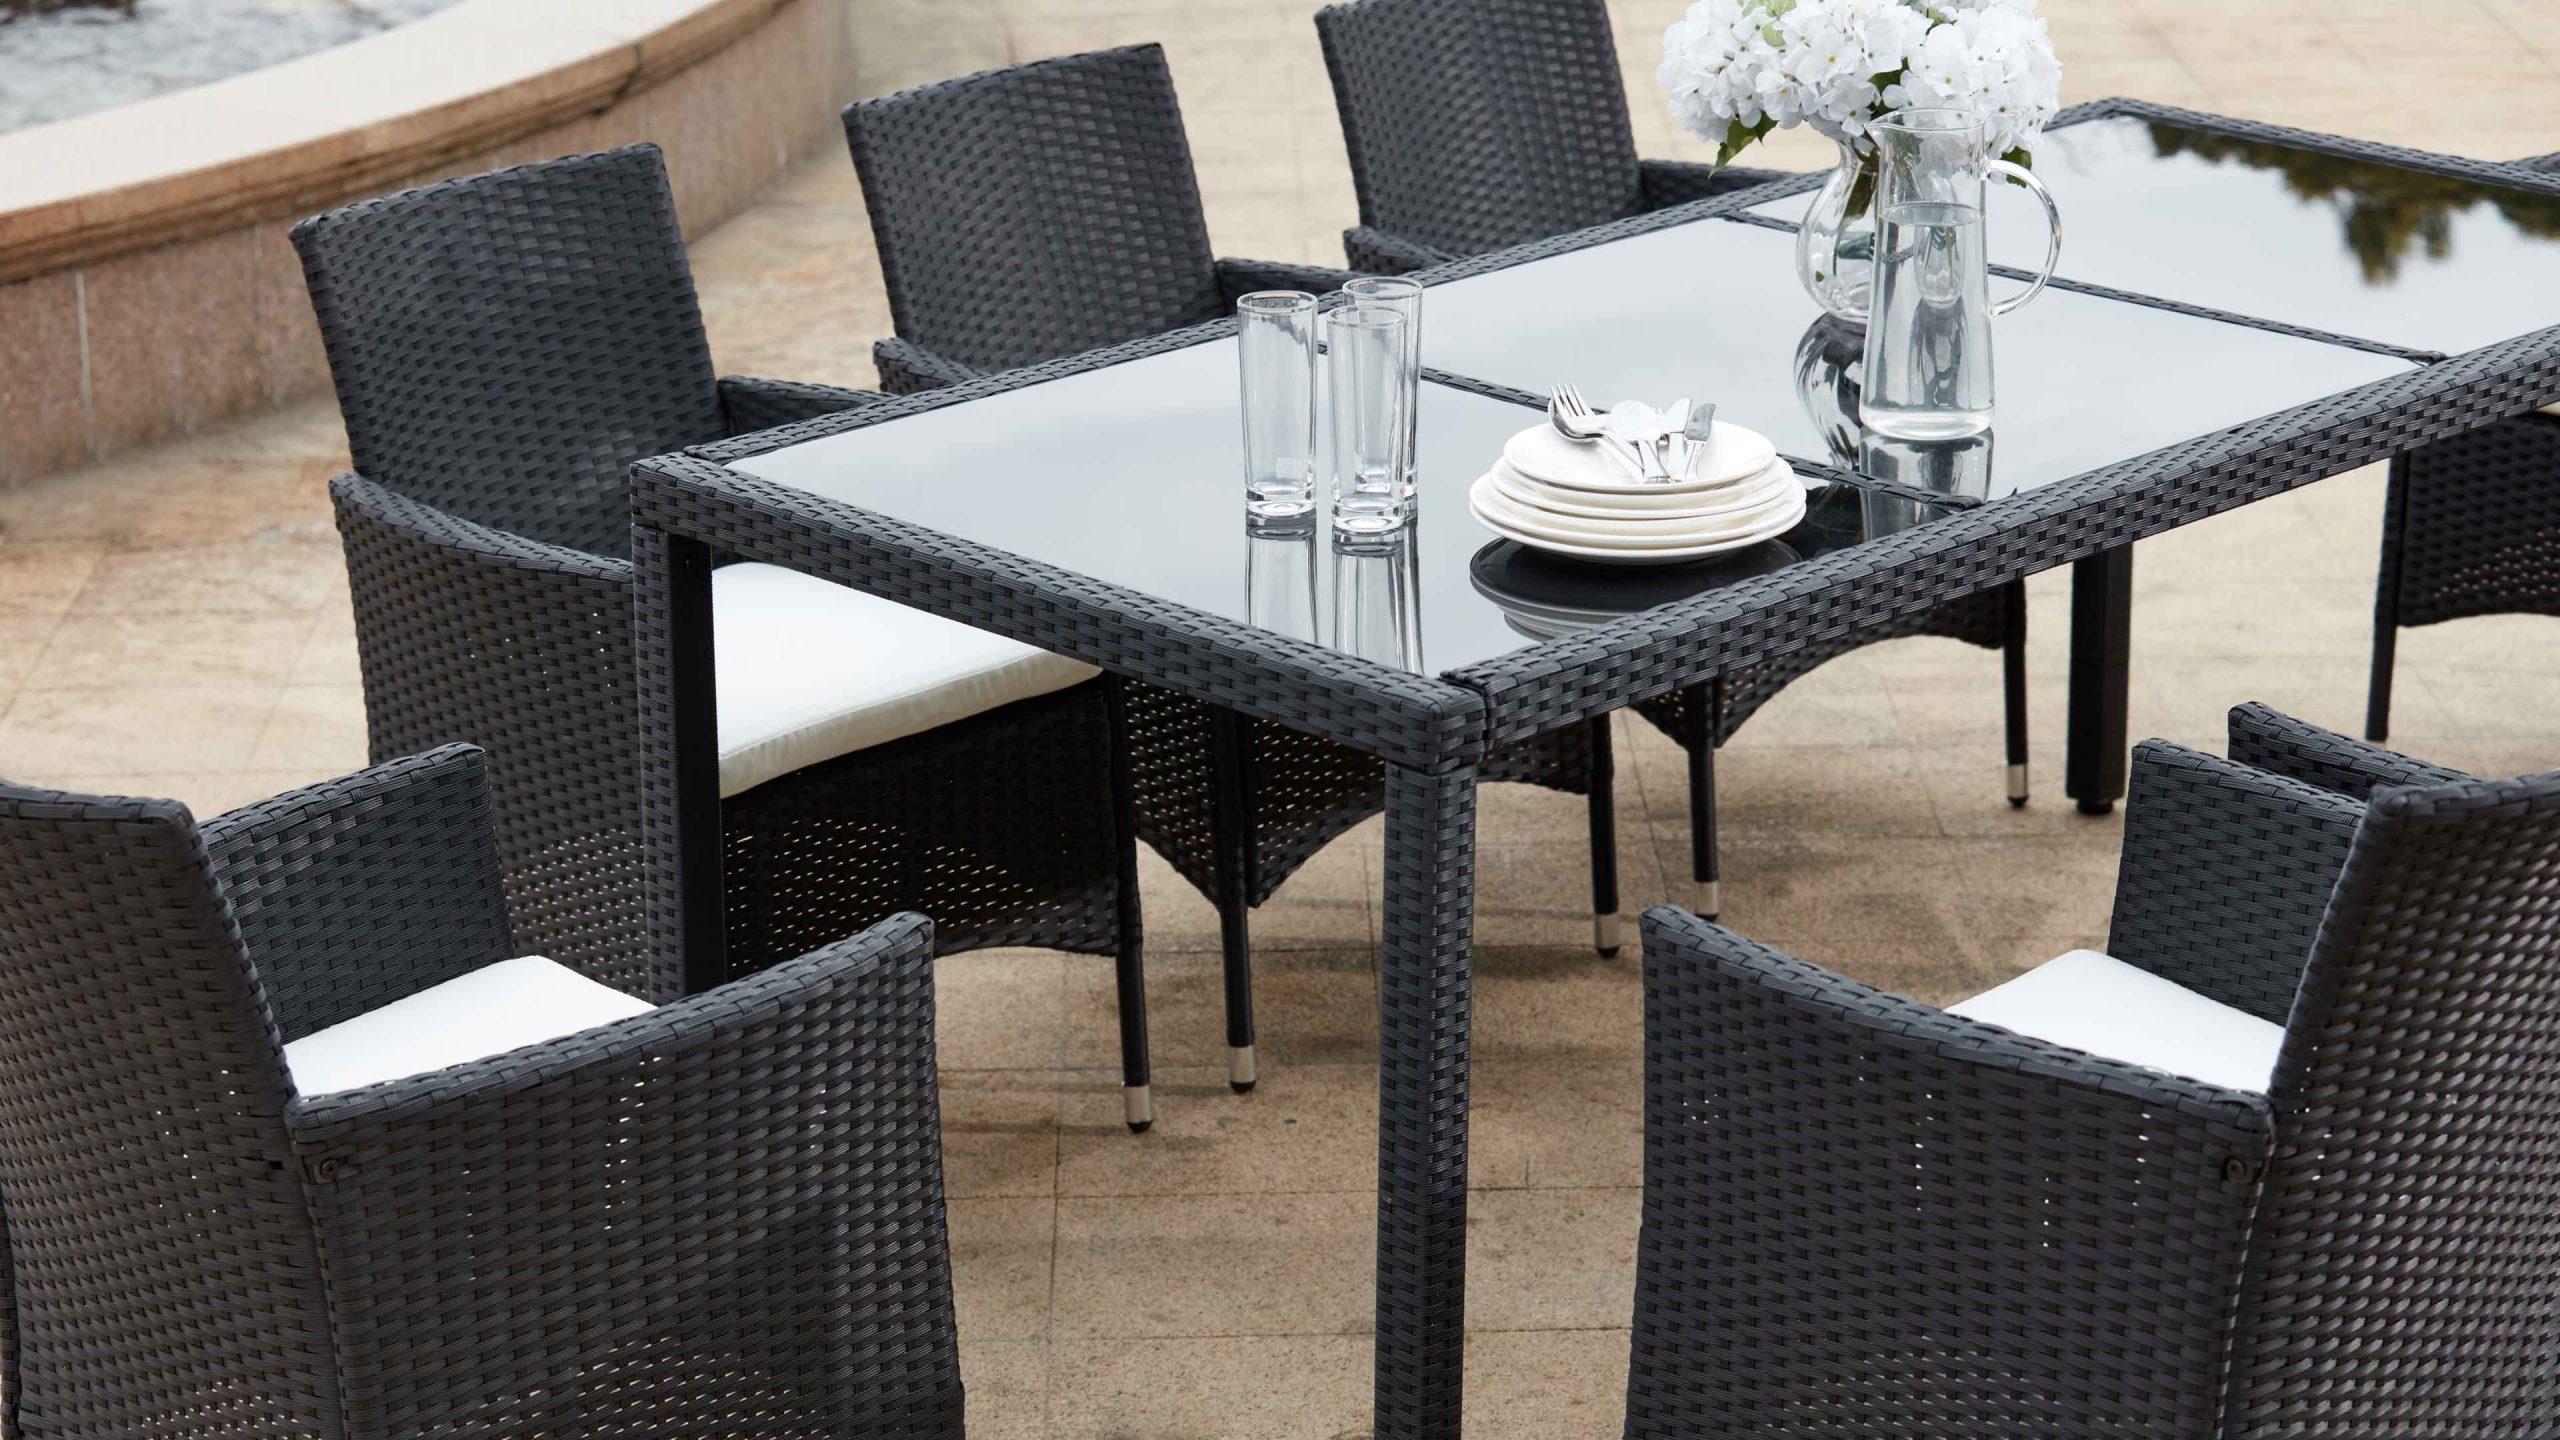 Salon De Jardin Table Résine Tressée 8 Fauteuils intérieur Table Et Chaise De Jardin En Resine Tressee